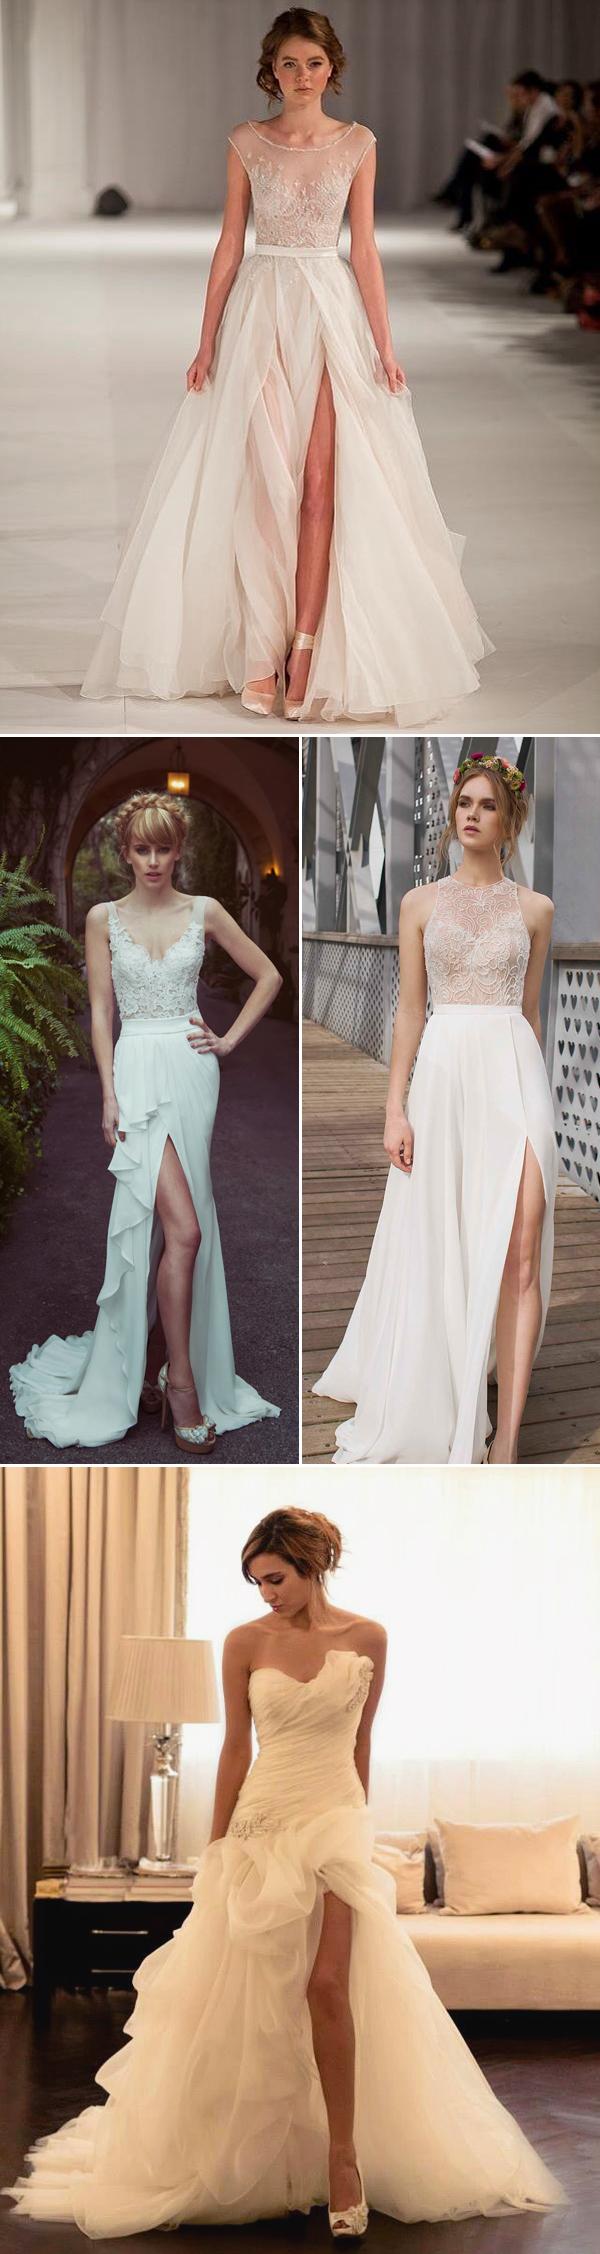 24 FashionForward High Slit Wedding Dresses  Praise Wedding